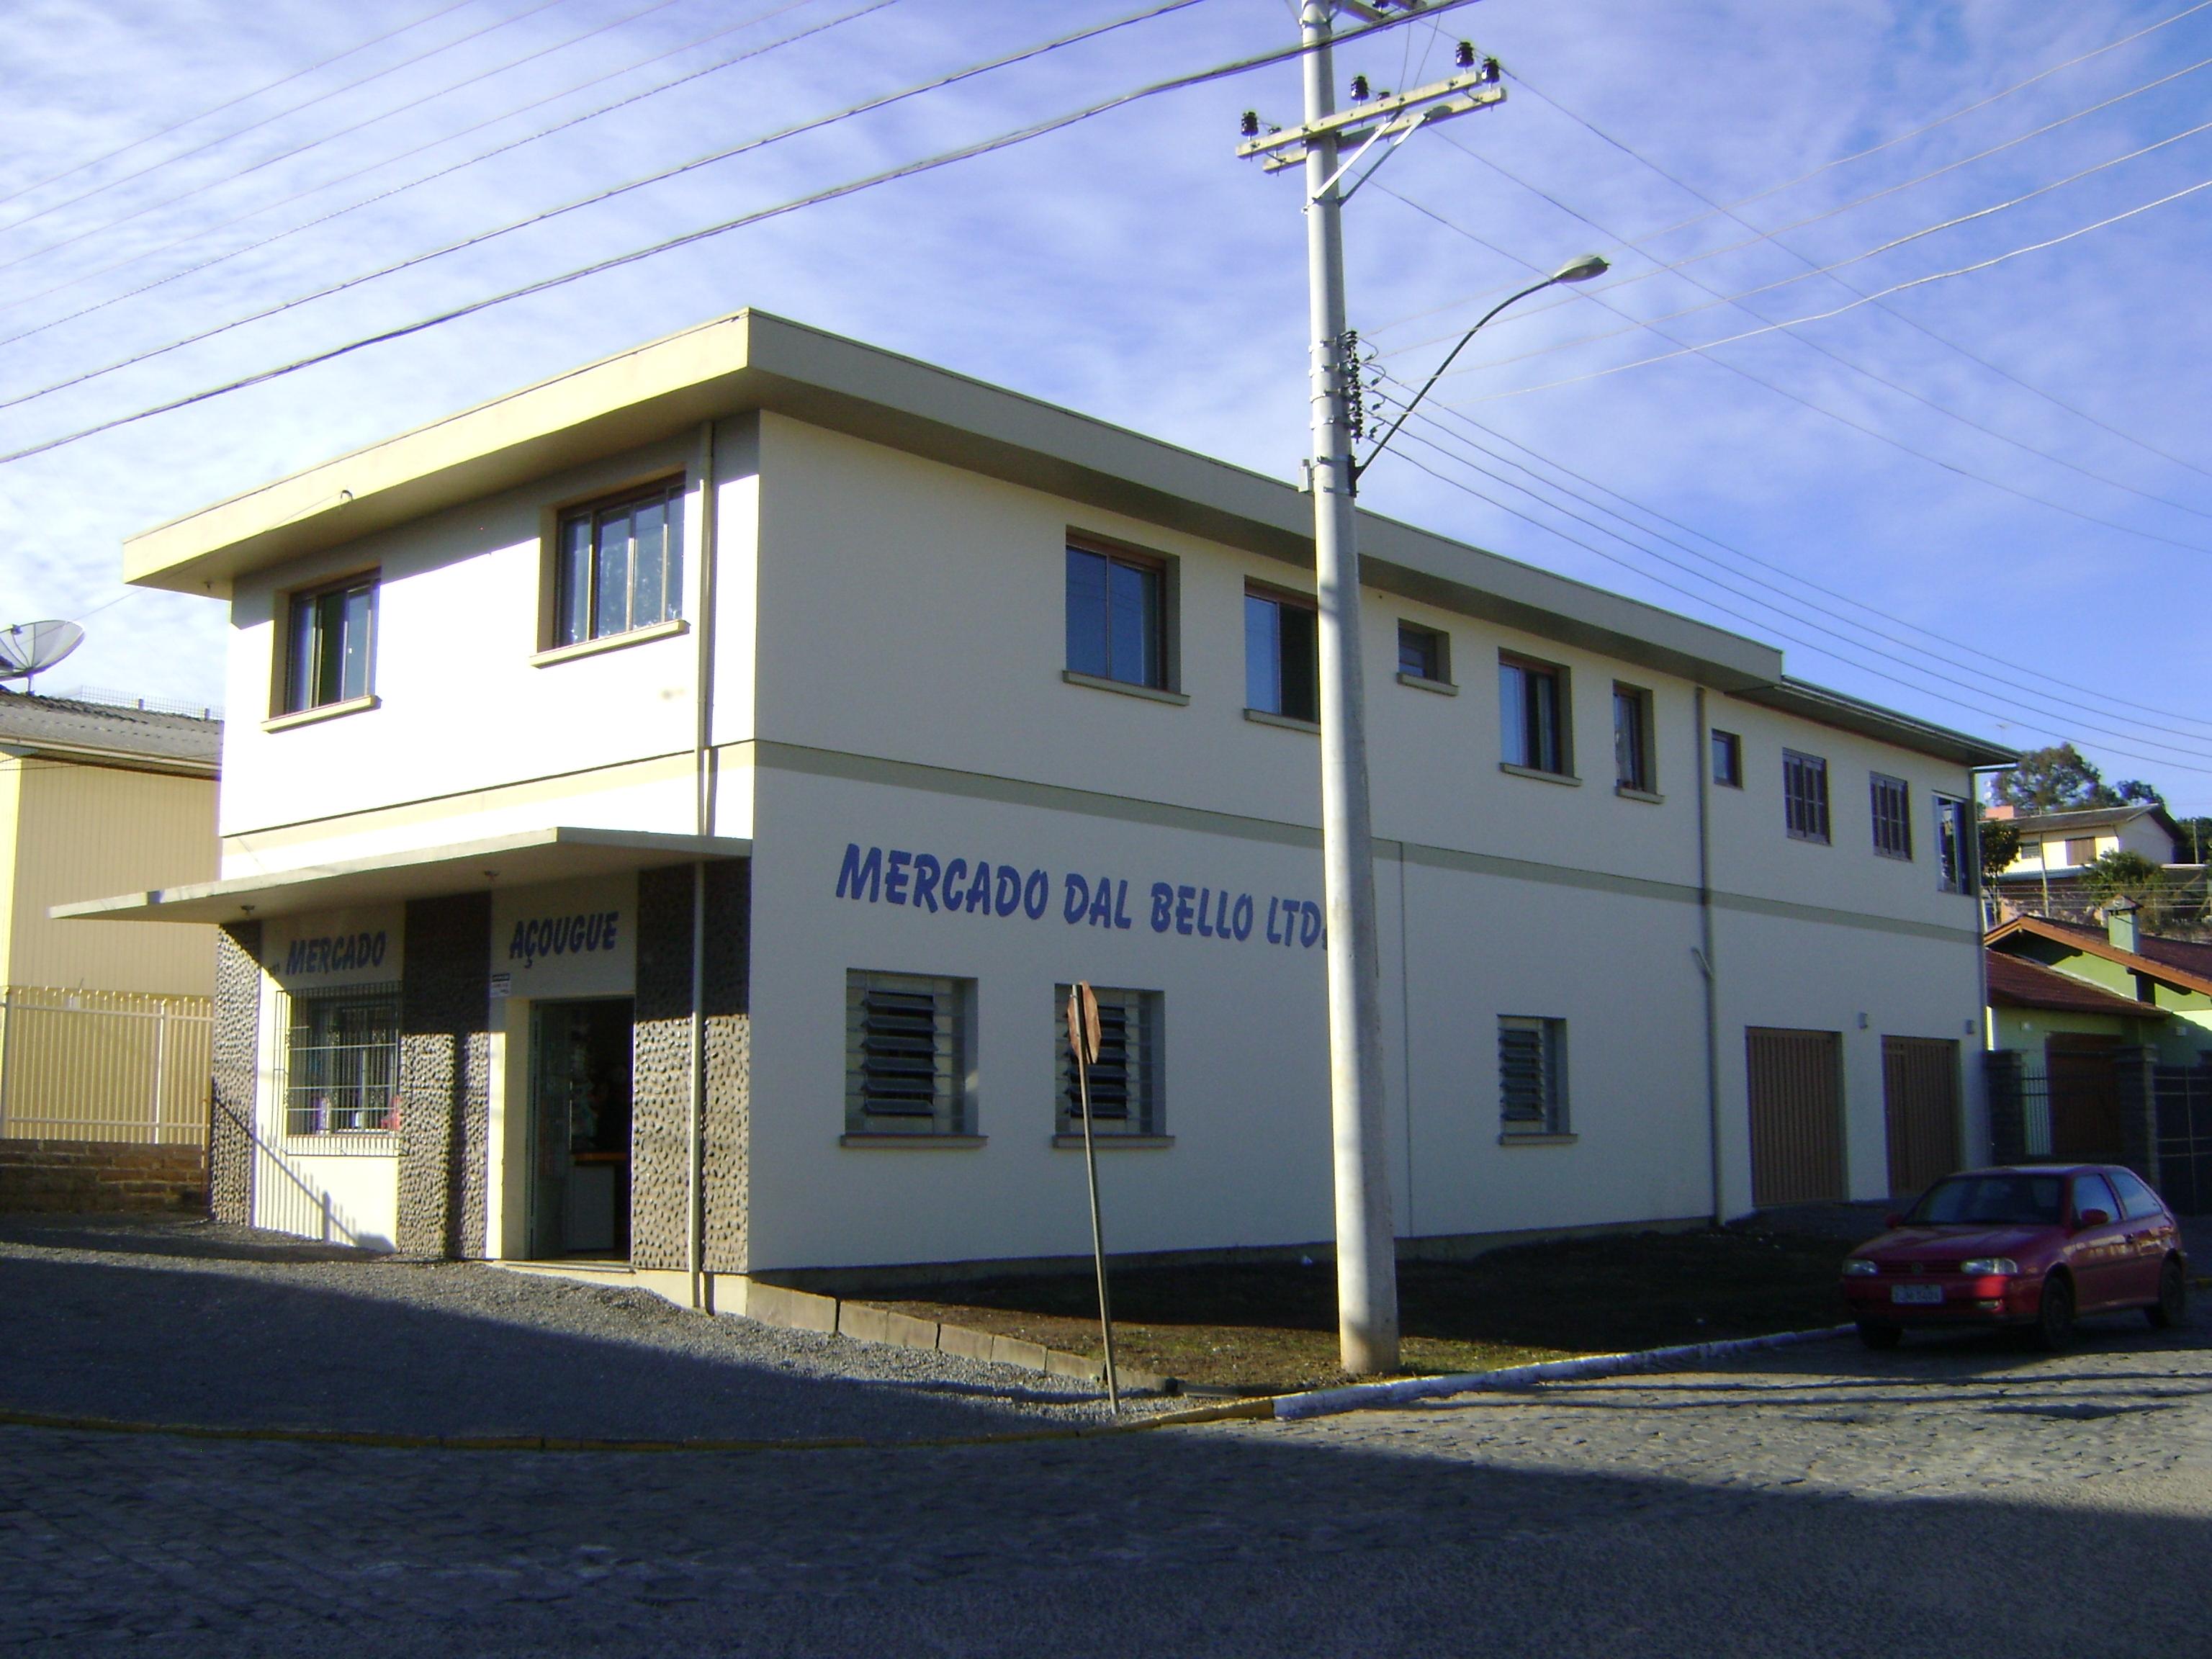 Casa/Resid�ncia 3 quartos, 90 m²  no bairro MEDIANEIRA em FARROUPILHA/RS - Loja Imobiliária o seu portal de imóveis para alugar, aluguel e locação